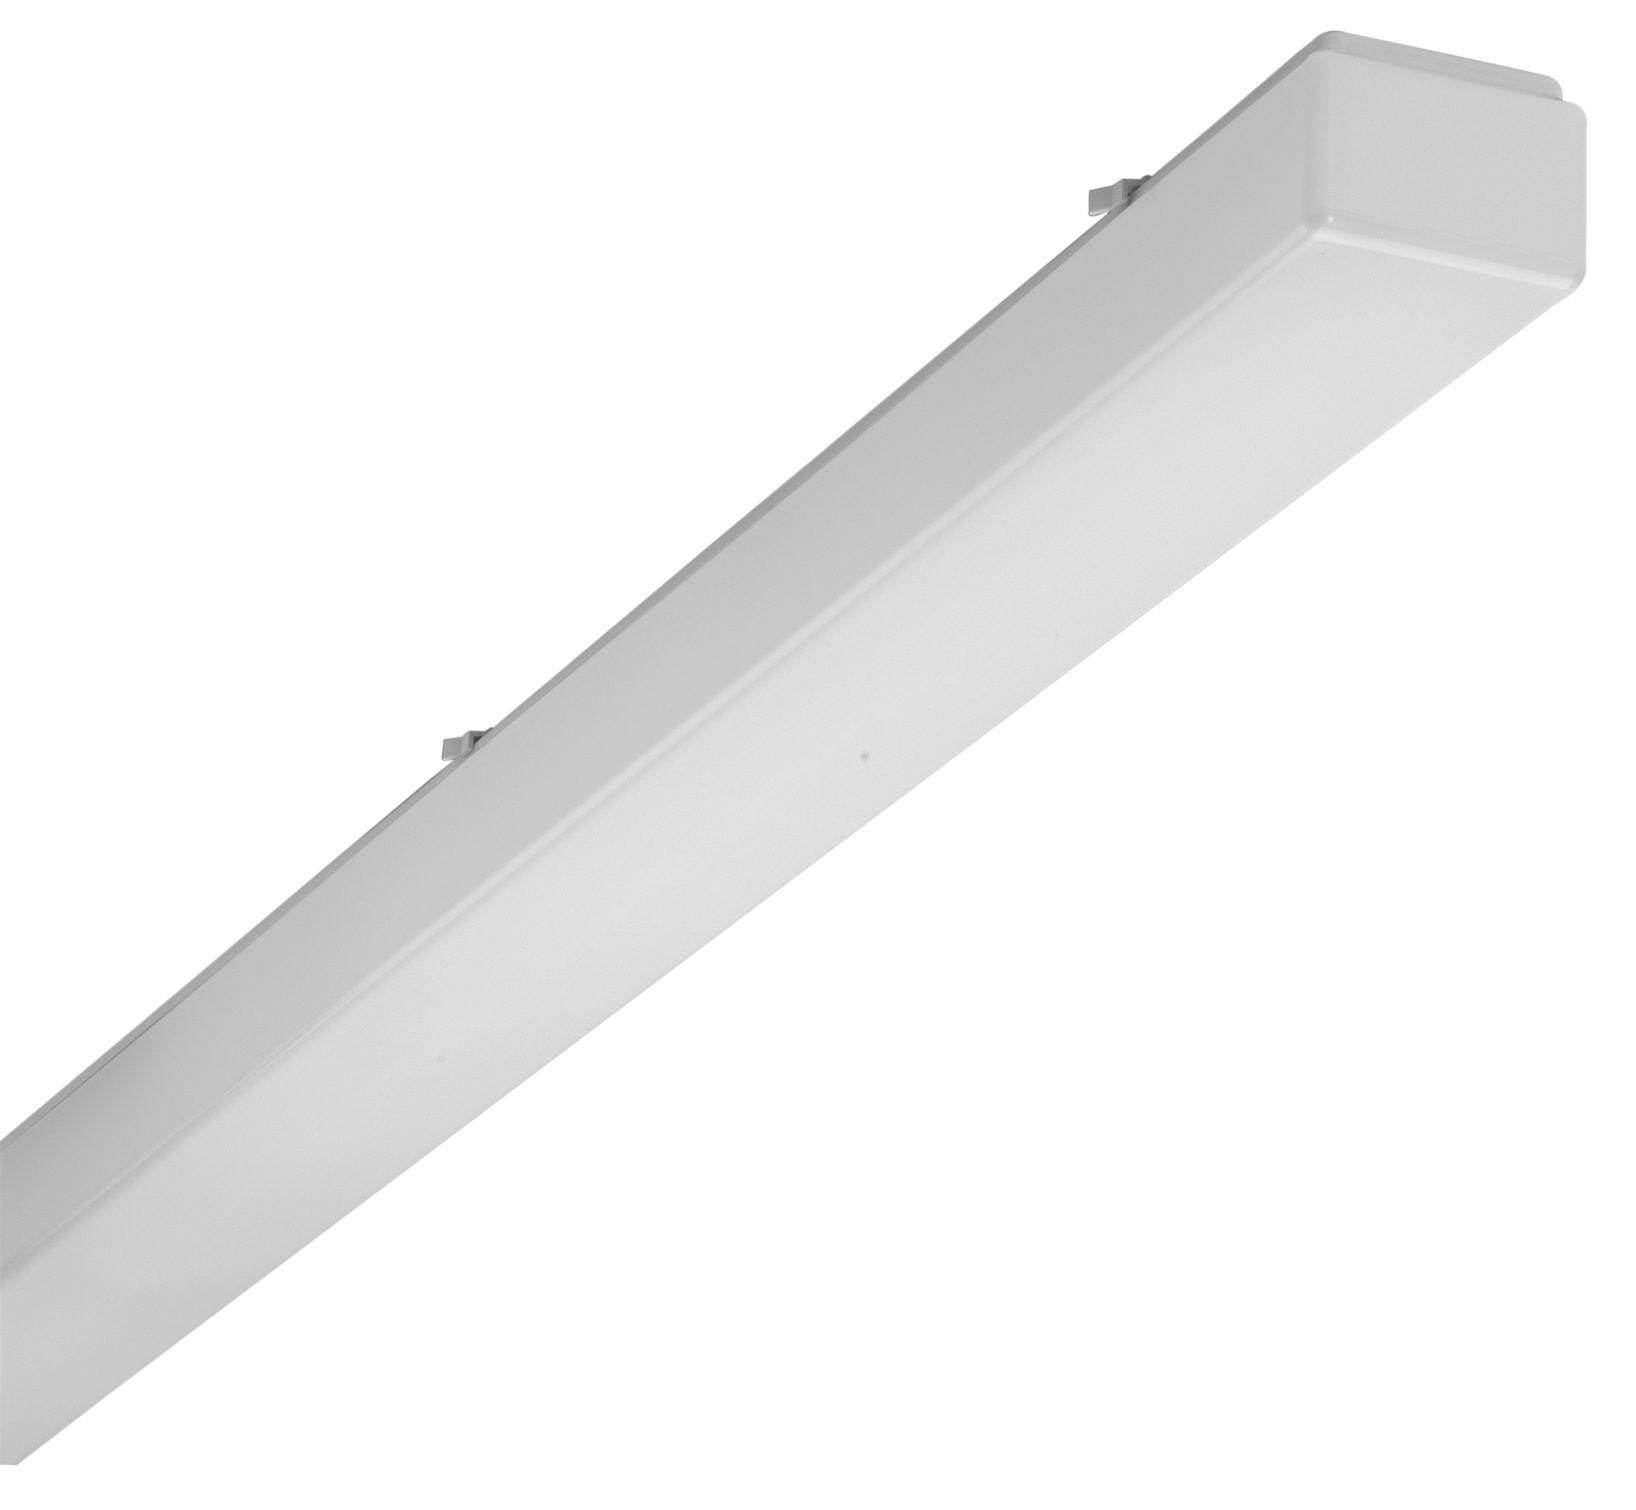 1 Stk AOTF-O T8 Wannenleuchte, 1x18W, EVG, IP50, acryl, opal, Weiß LI70301562